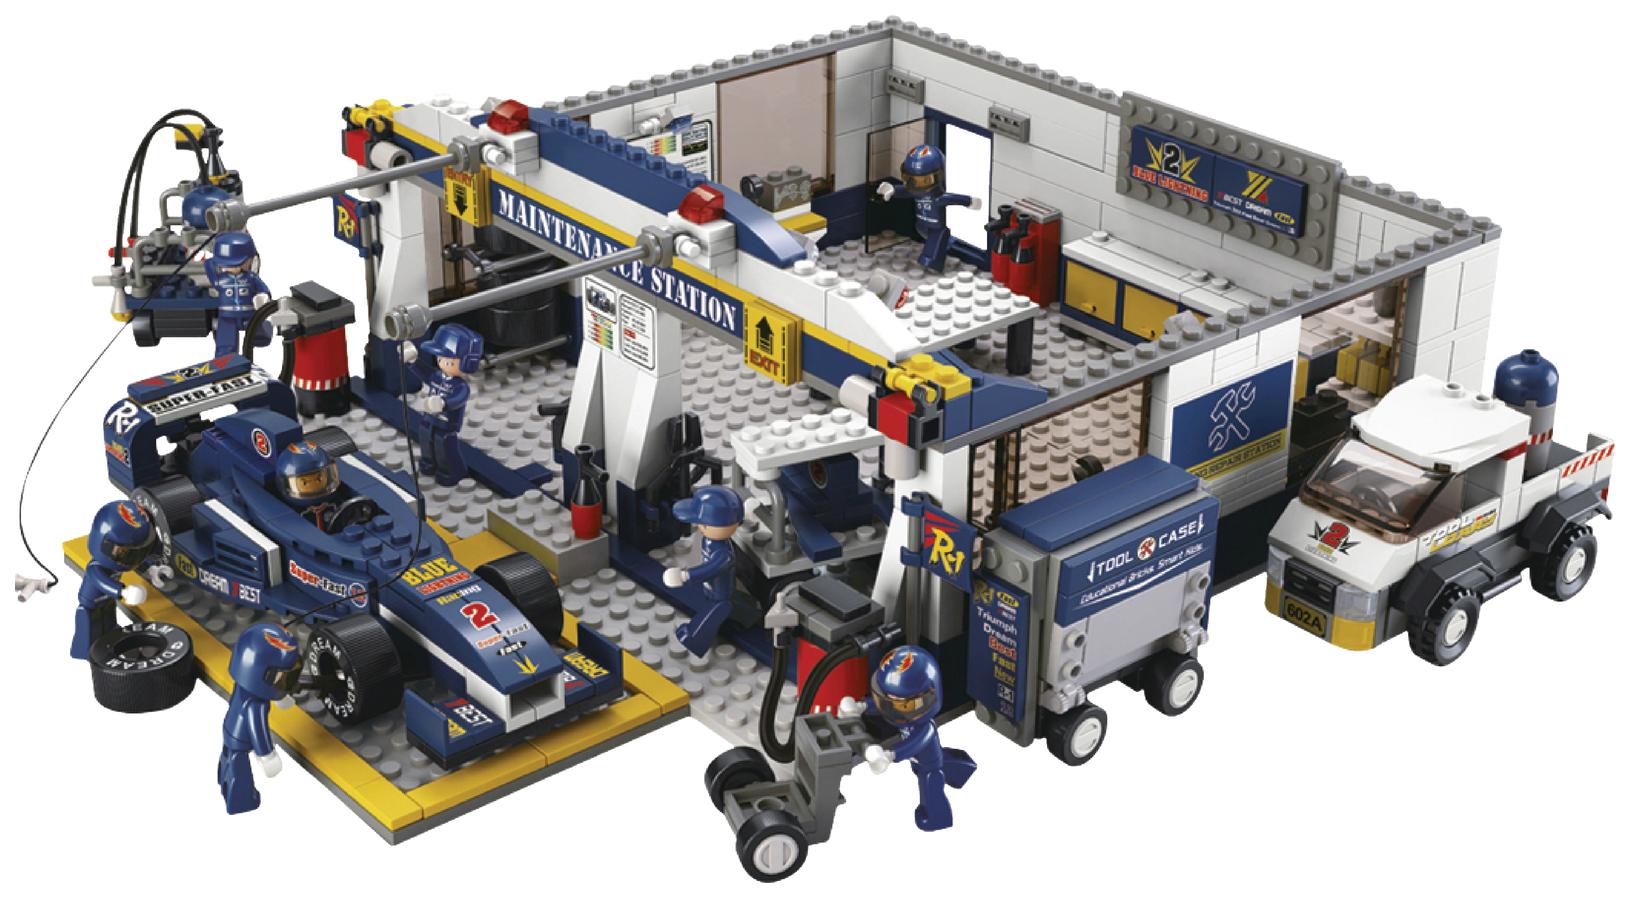 Купить Конструктор пластиковый SLUBAN Станция обслуживания 741 элемент M38-B0356,